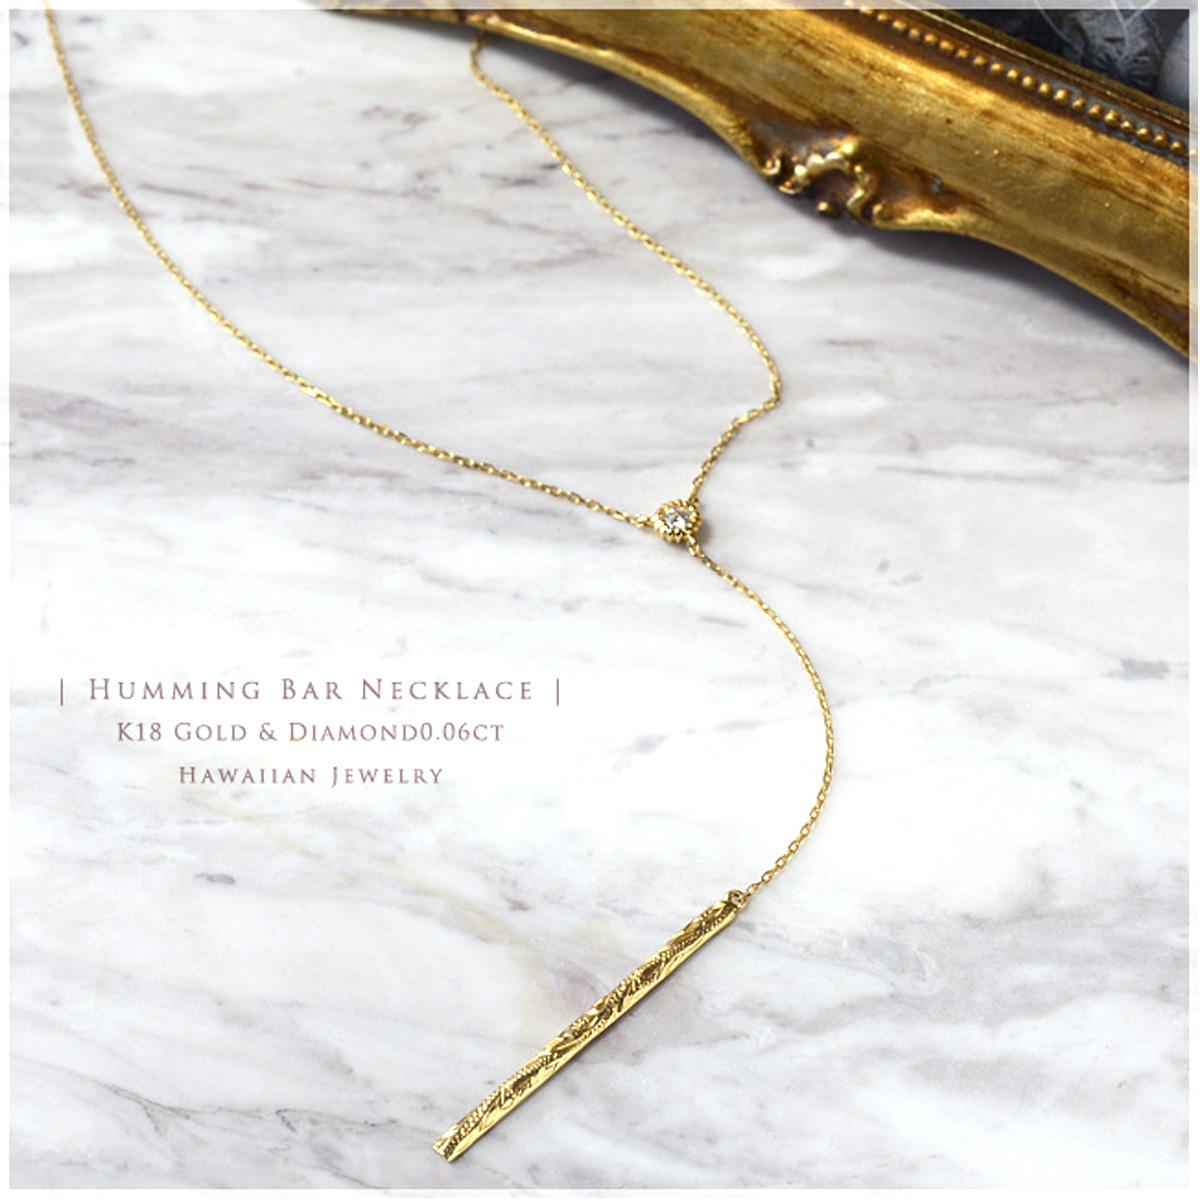 ゴールドネックレス 18k ネックレス 18金 レディース 女性 ハワイアンジュエリー K18 ゴールド ダイヤモンド 0.06ct ハミング バー Y字 イエローゴールド ペンダント 華奢 シンプル ペンダントane1192ae gold necklace